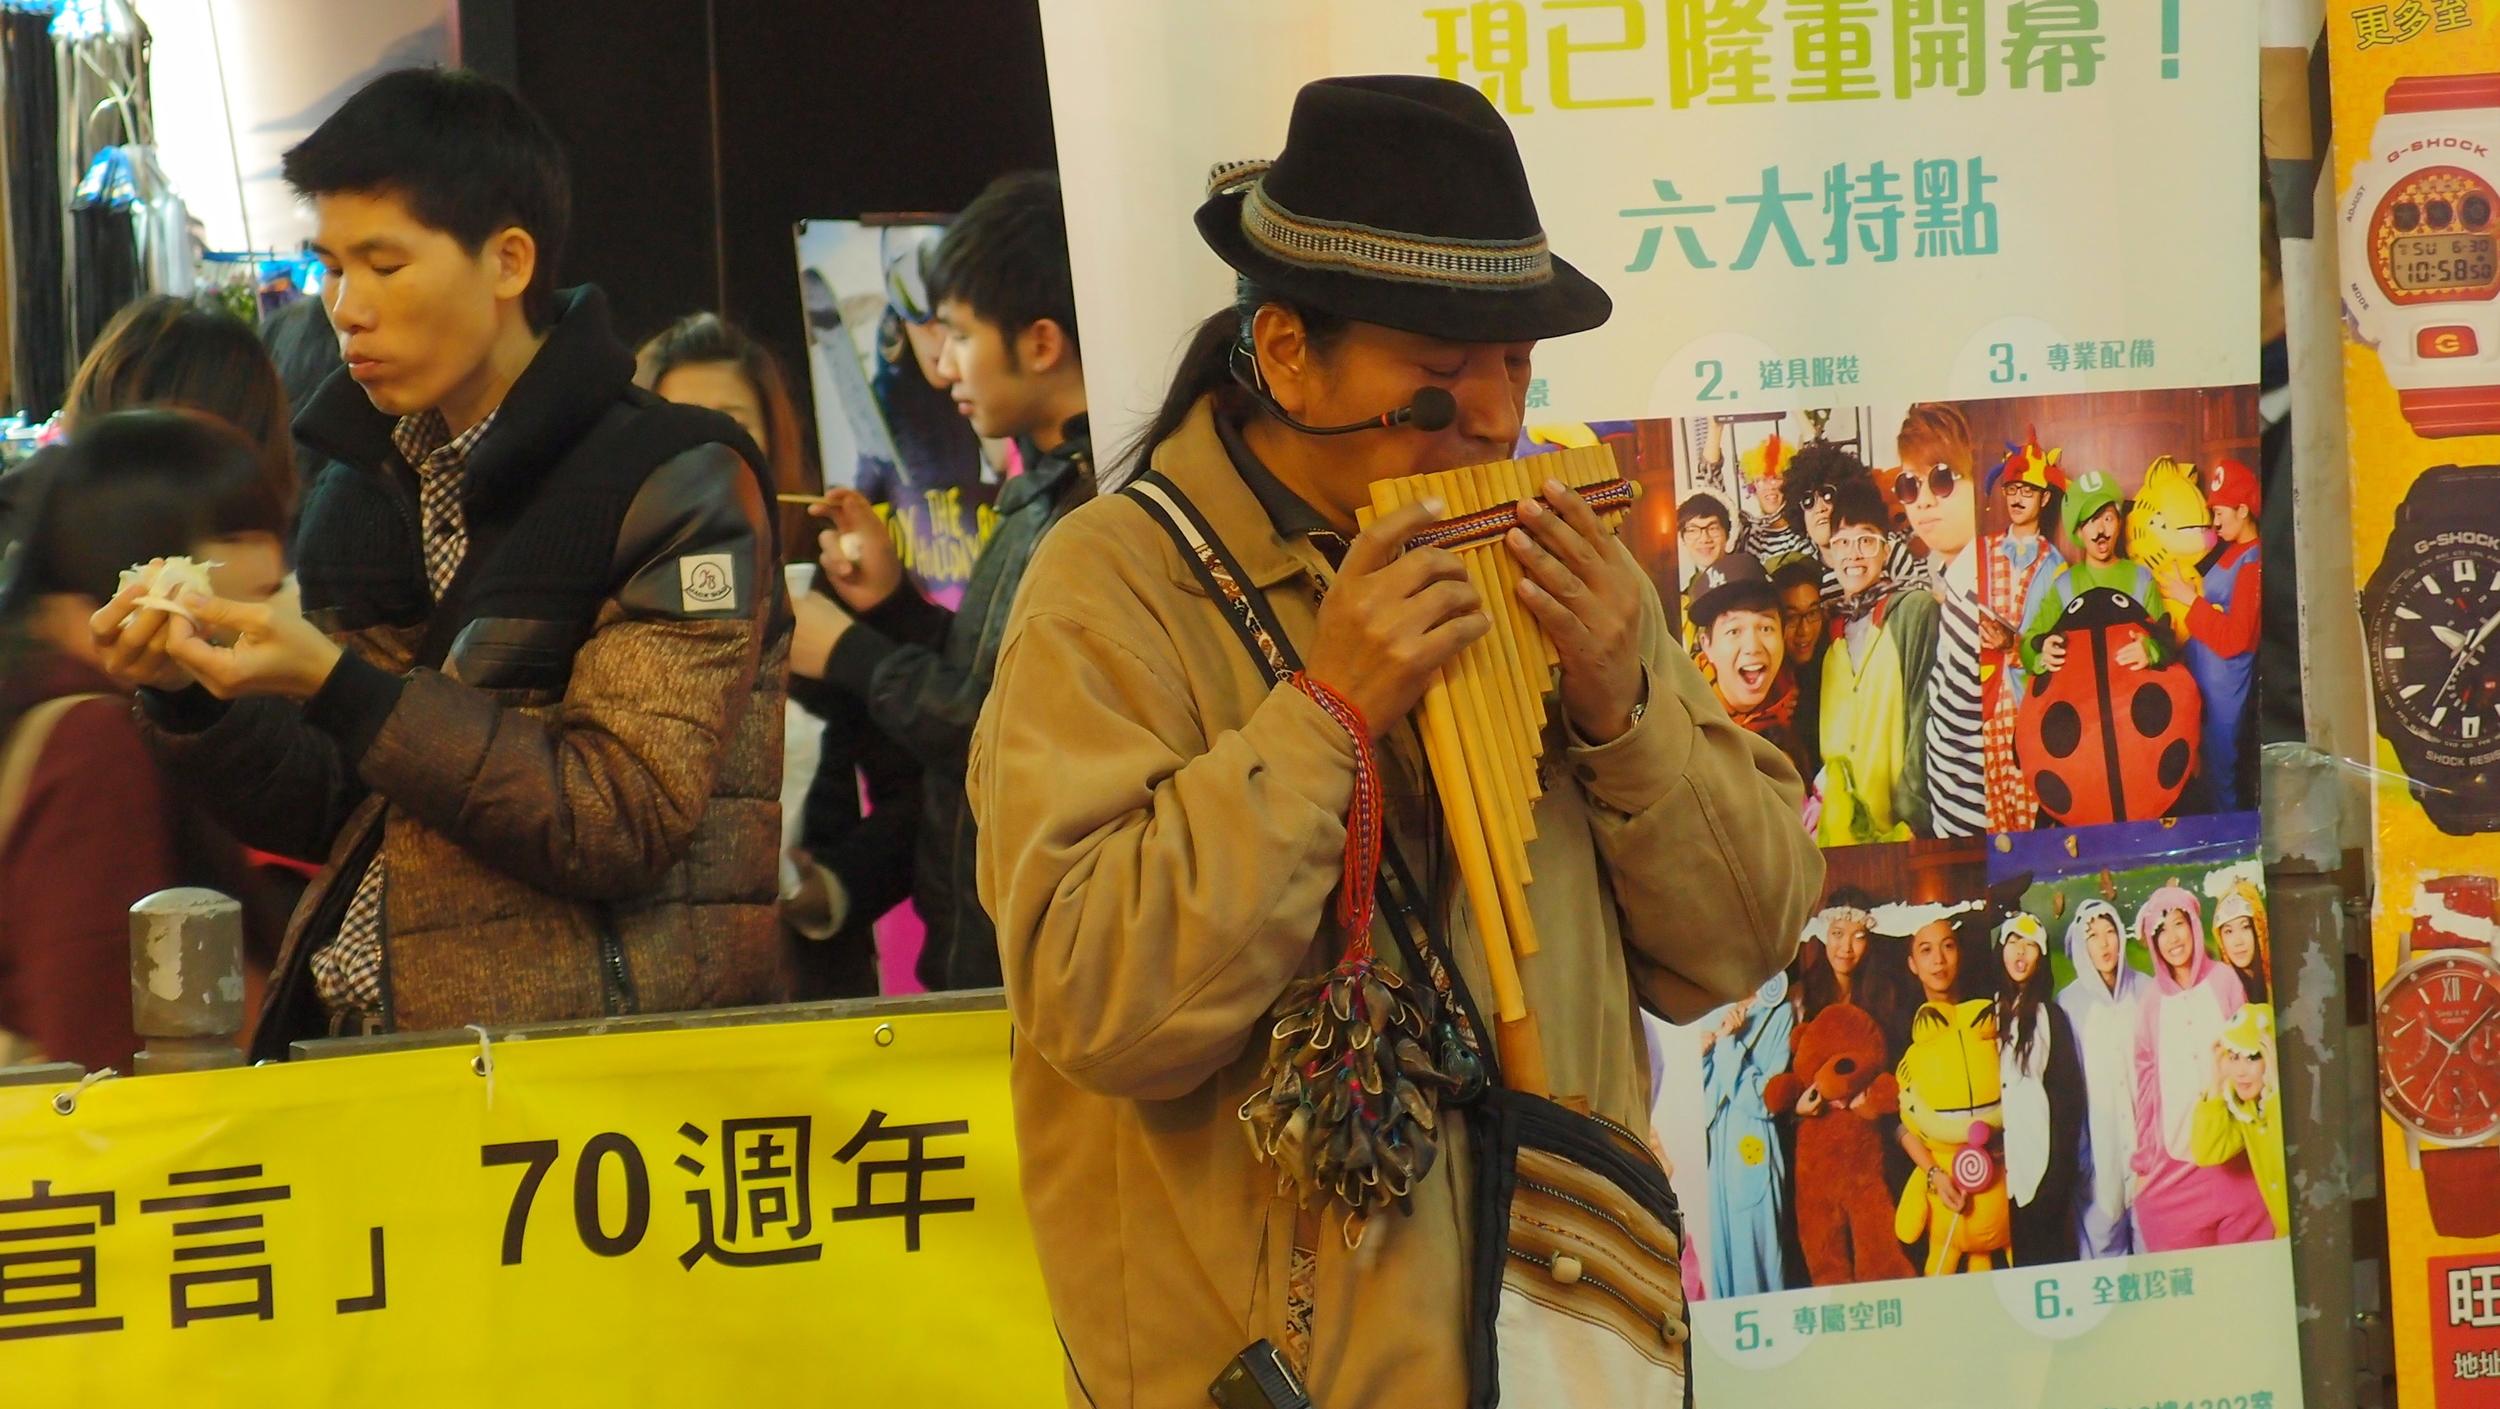 A one man Peruvian pipe band busking in Hong Kong